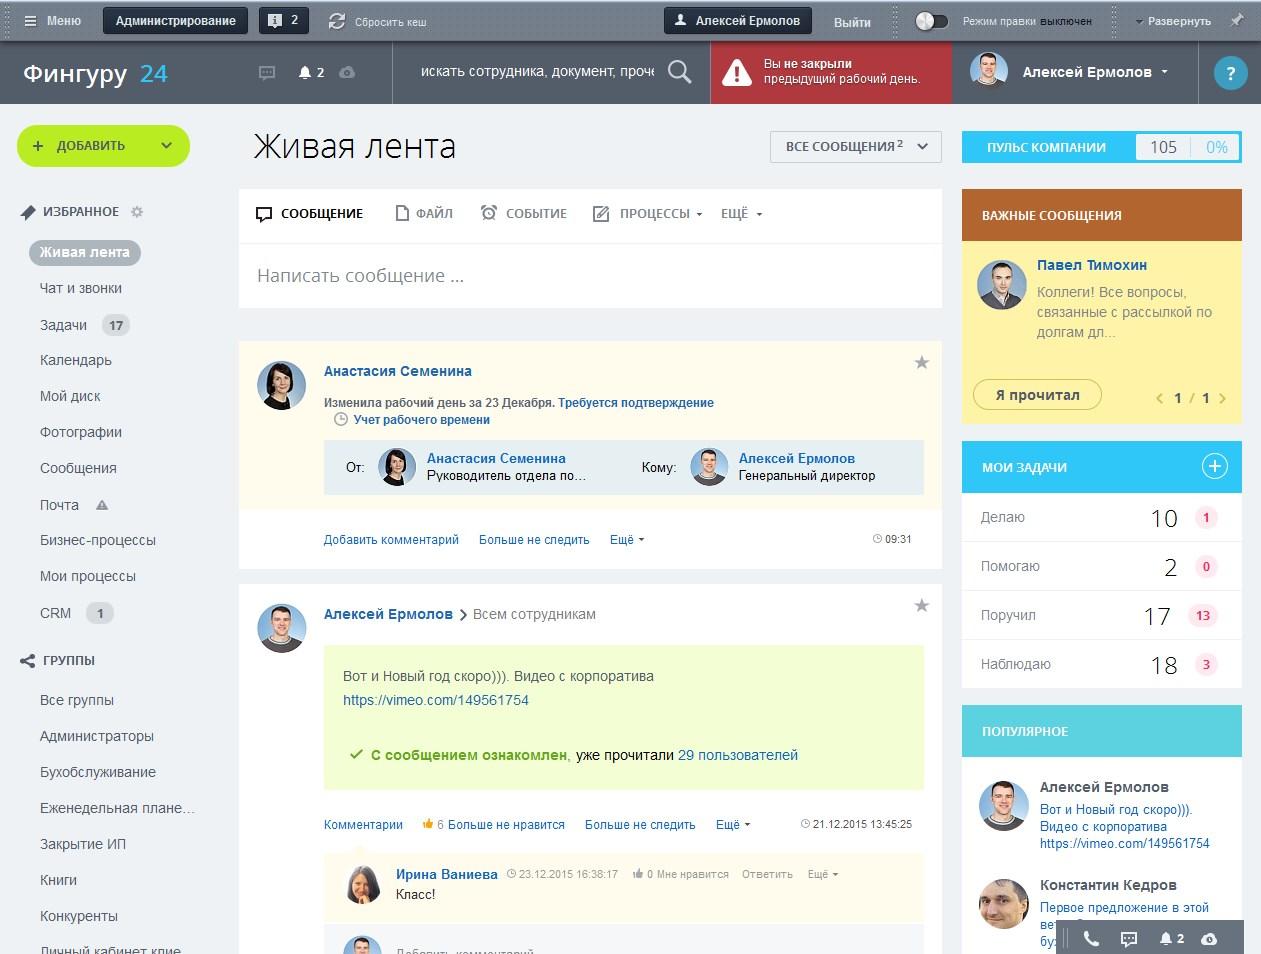 Корпоративный портал fingu.ru